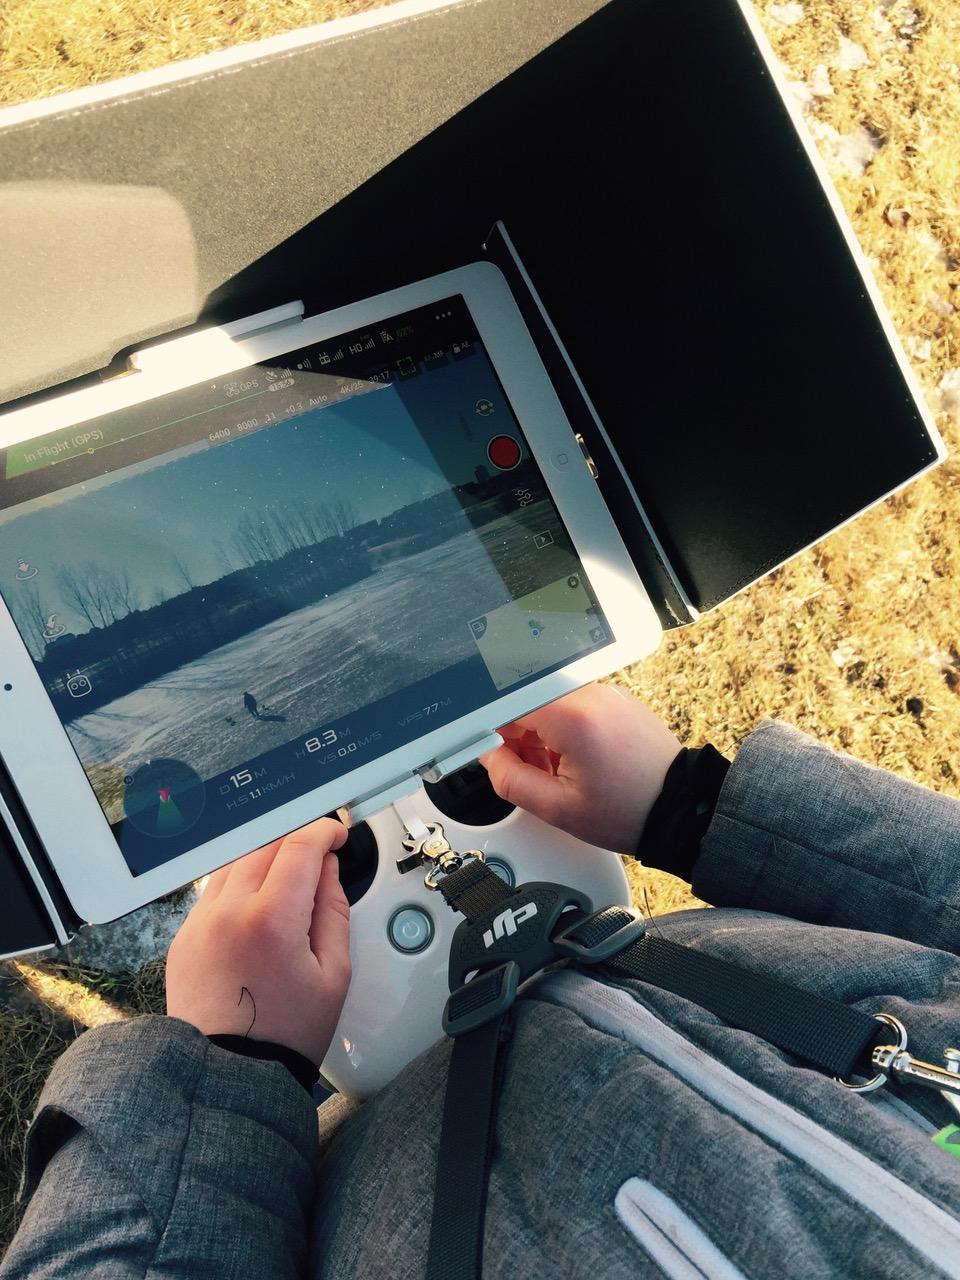 dronarkurs på Phanton 4 pro